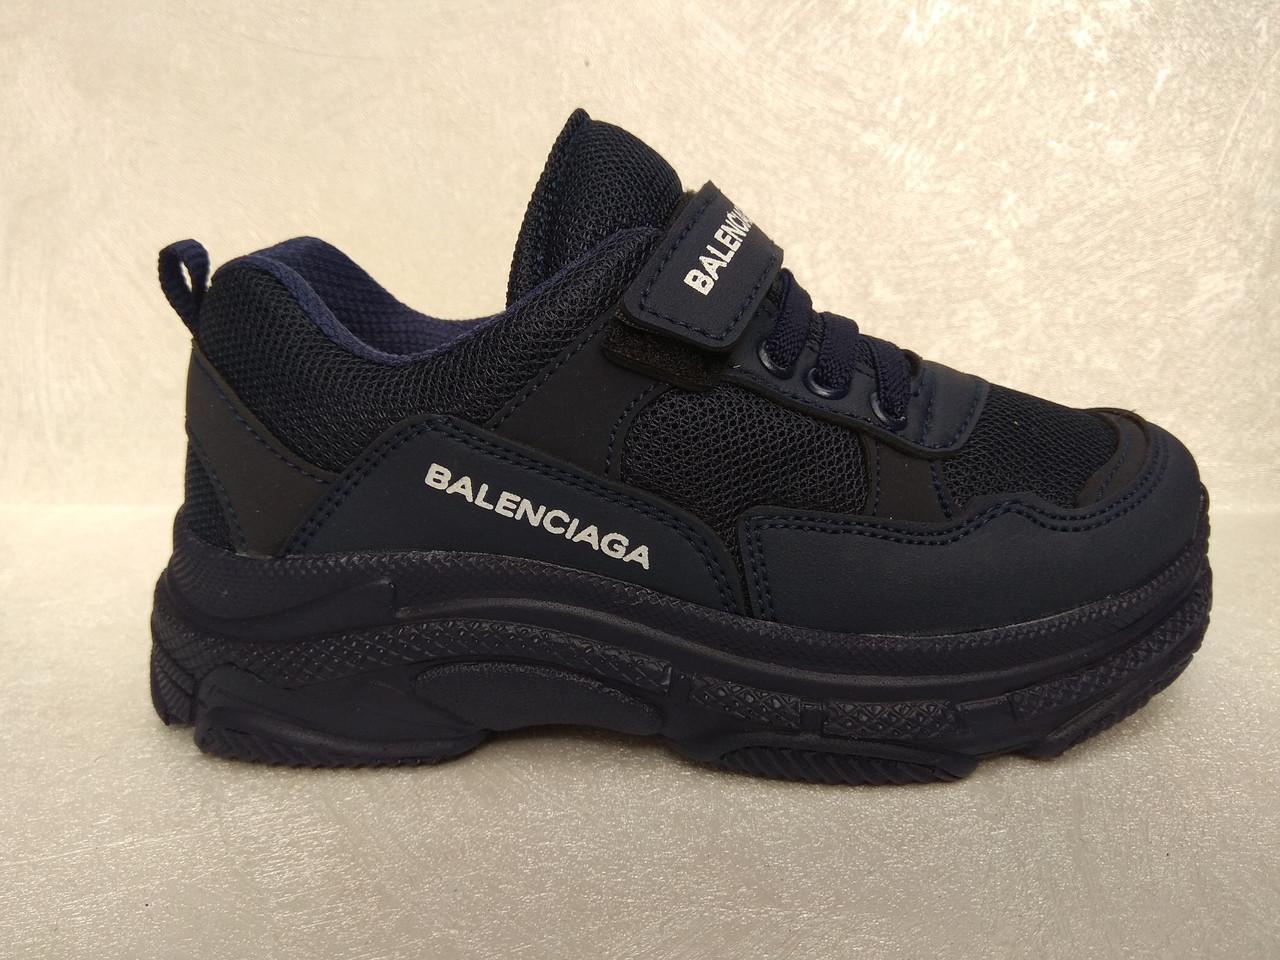 4720787e Детские кроссовки оптом Balenciaga 1414-1 navy (р.31-35) Турция реплика